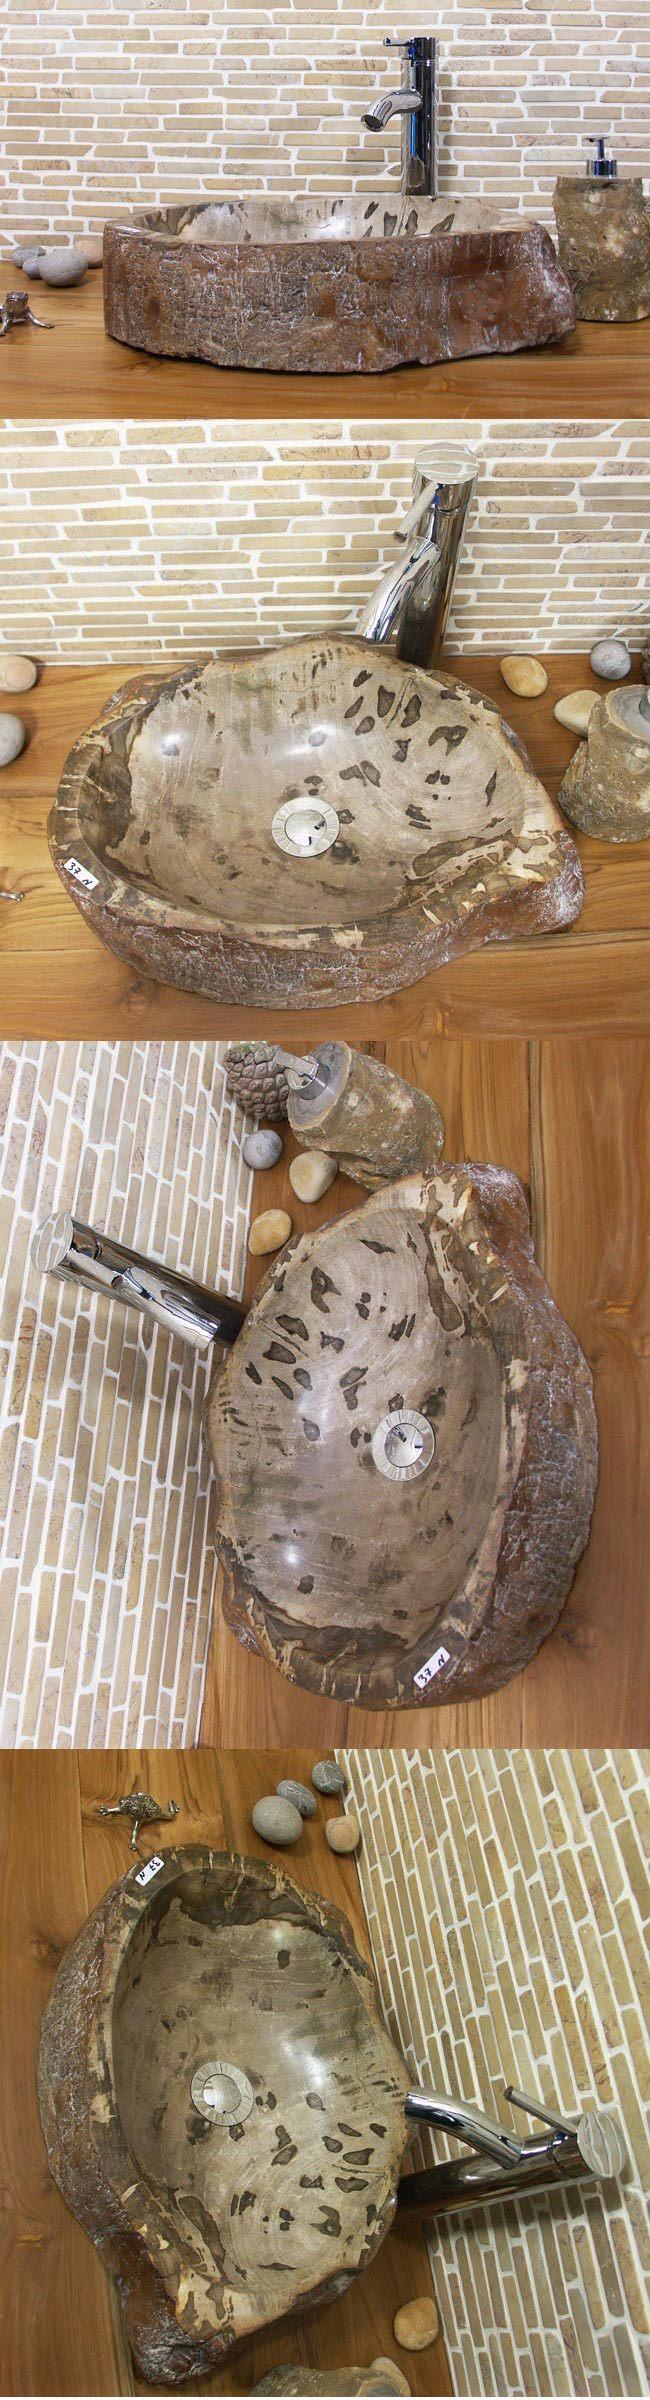 waschbecken aus versteinertem holz bafh37n ein unikat im bad. Black Bedroom Furniture Sets. Home Design Ideas